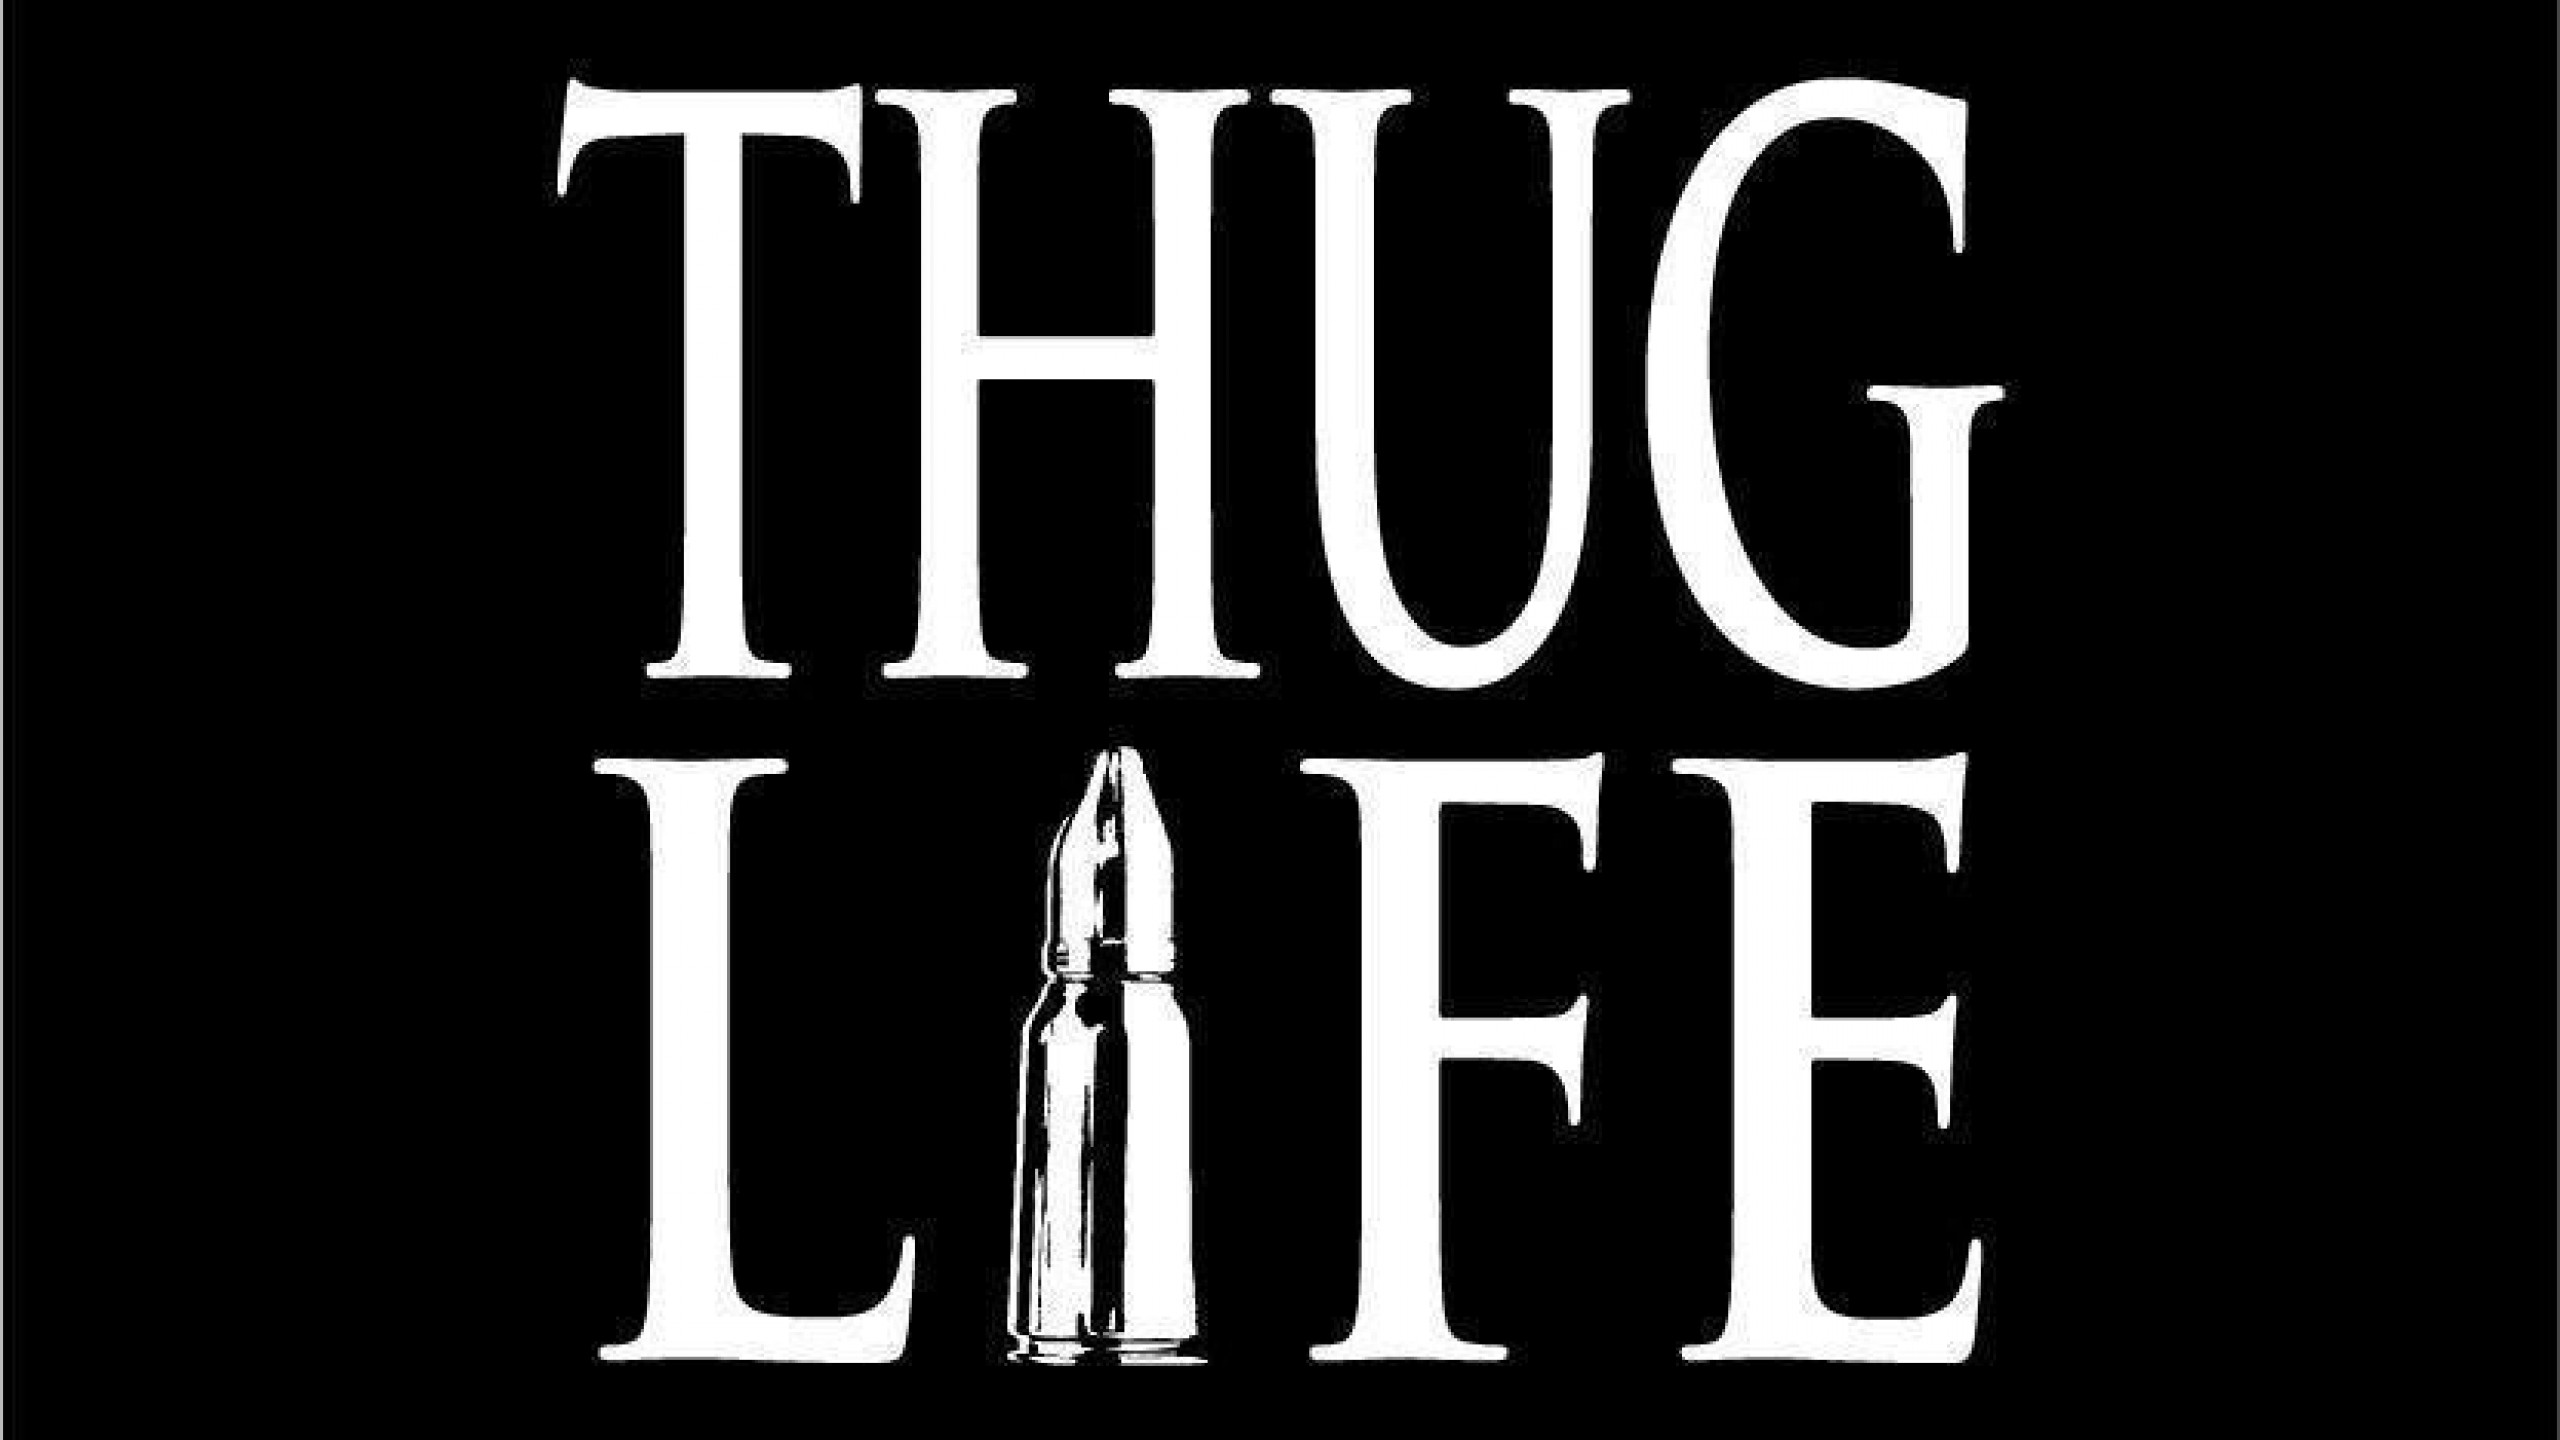 Thug Life Wallpaper at MyWallpaperGalaxycom 2560x1440